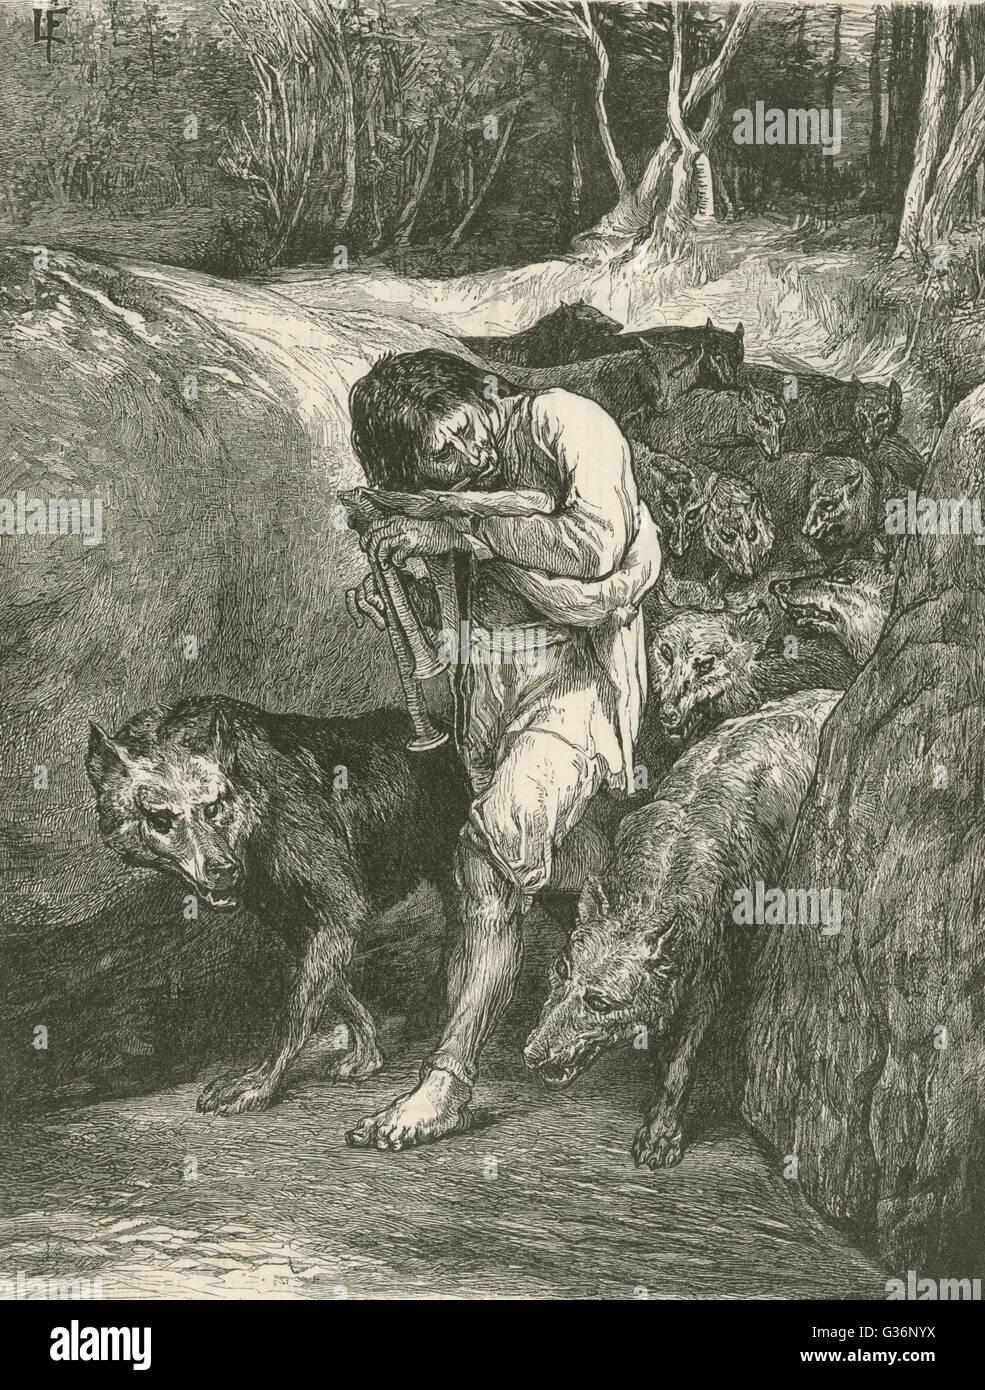 La Wolf-Charmer -- le meneur de loups -- una figura del folklore de la Francia rural que es capaz de dominar y controlar Imagen De Stock